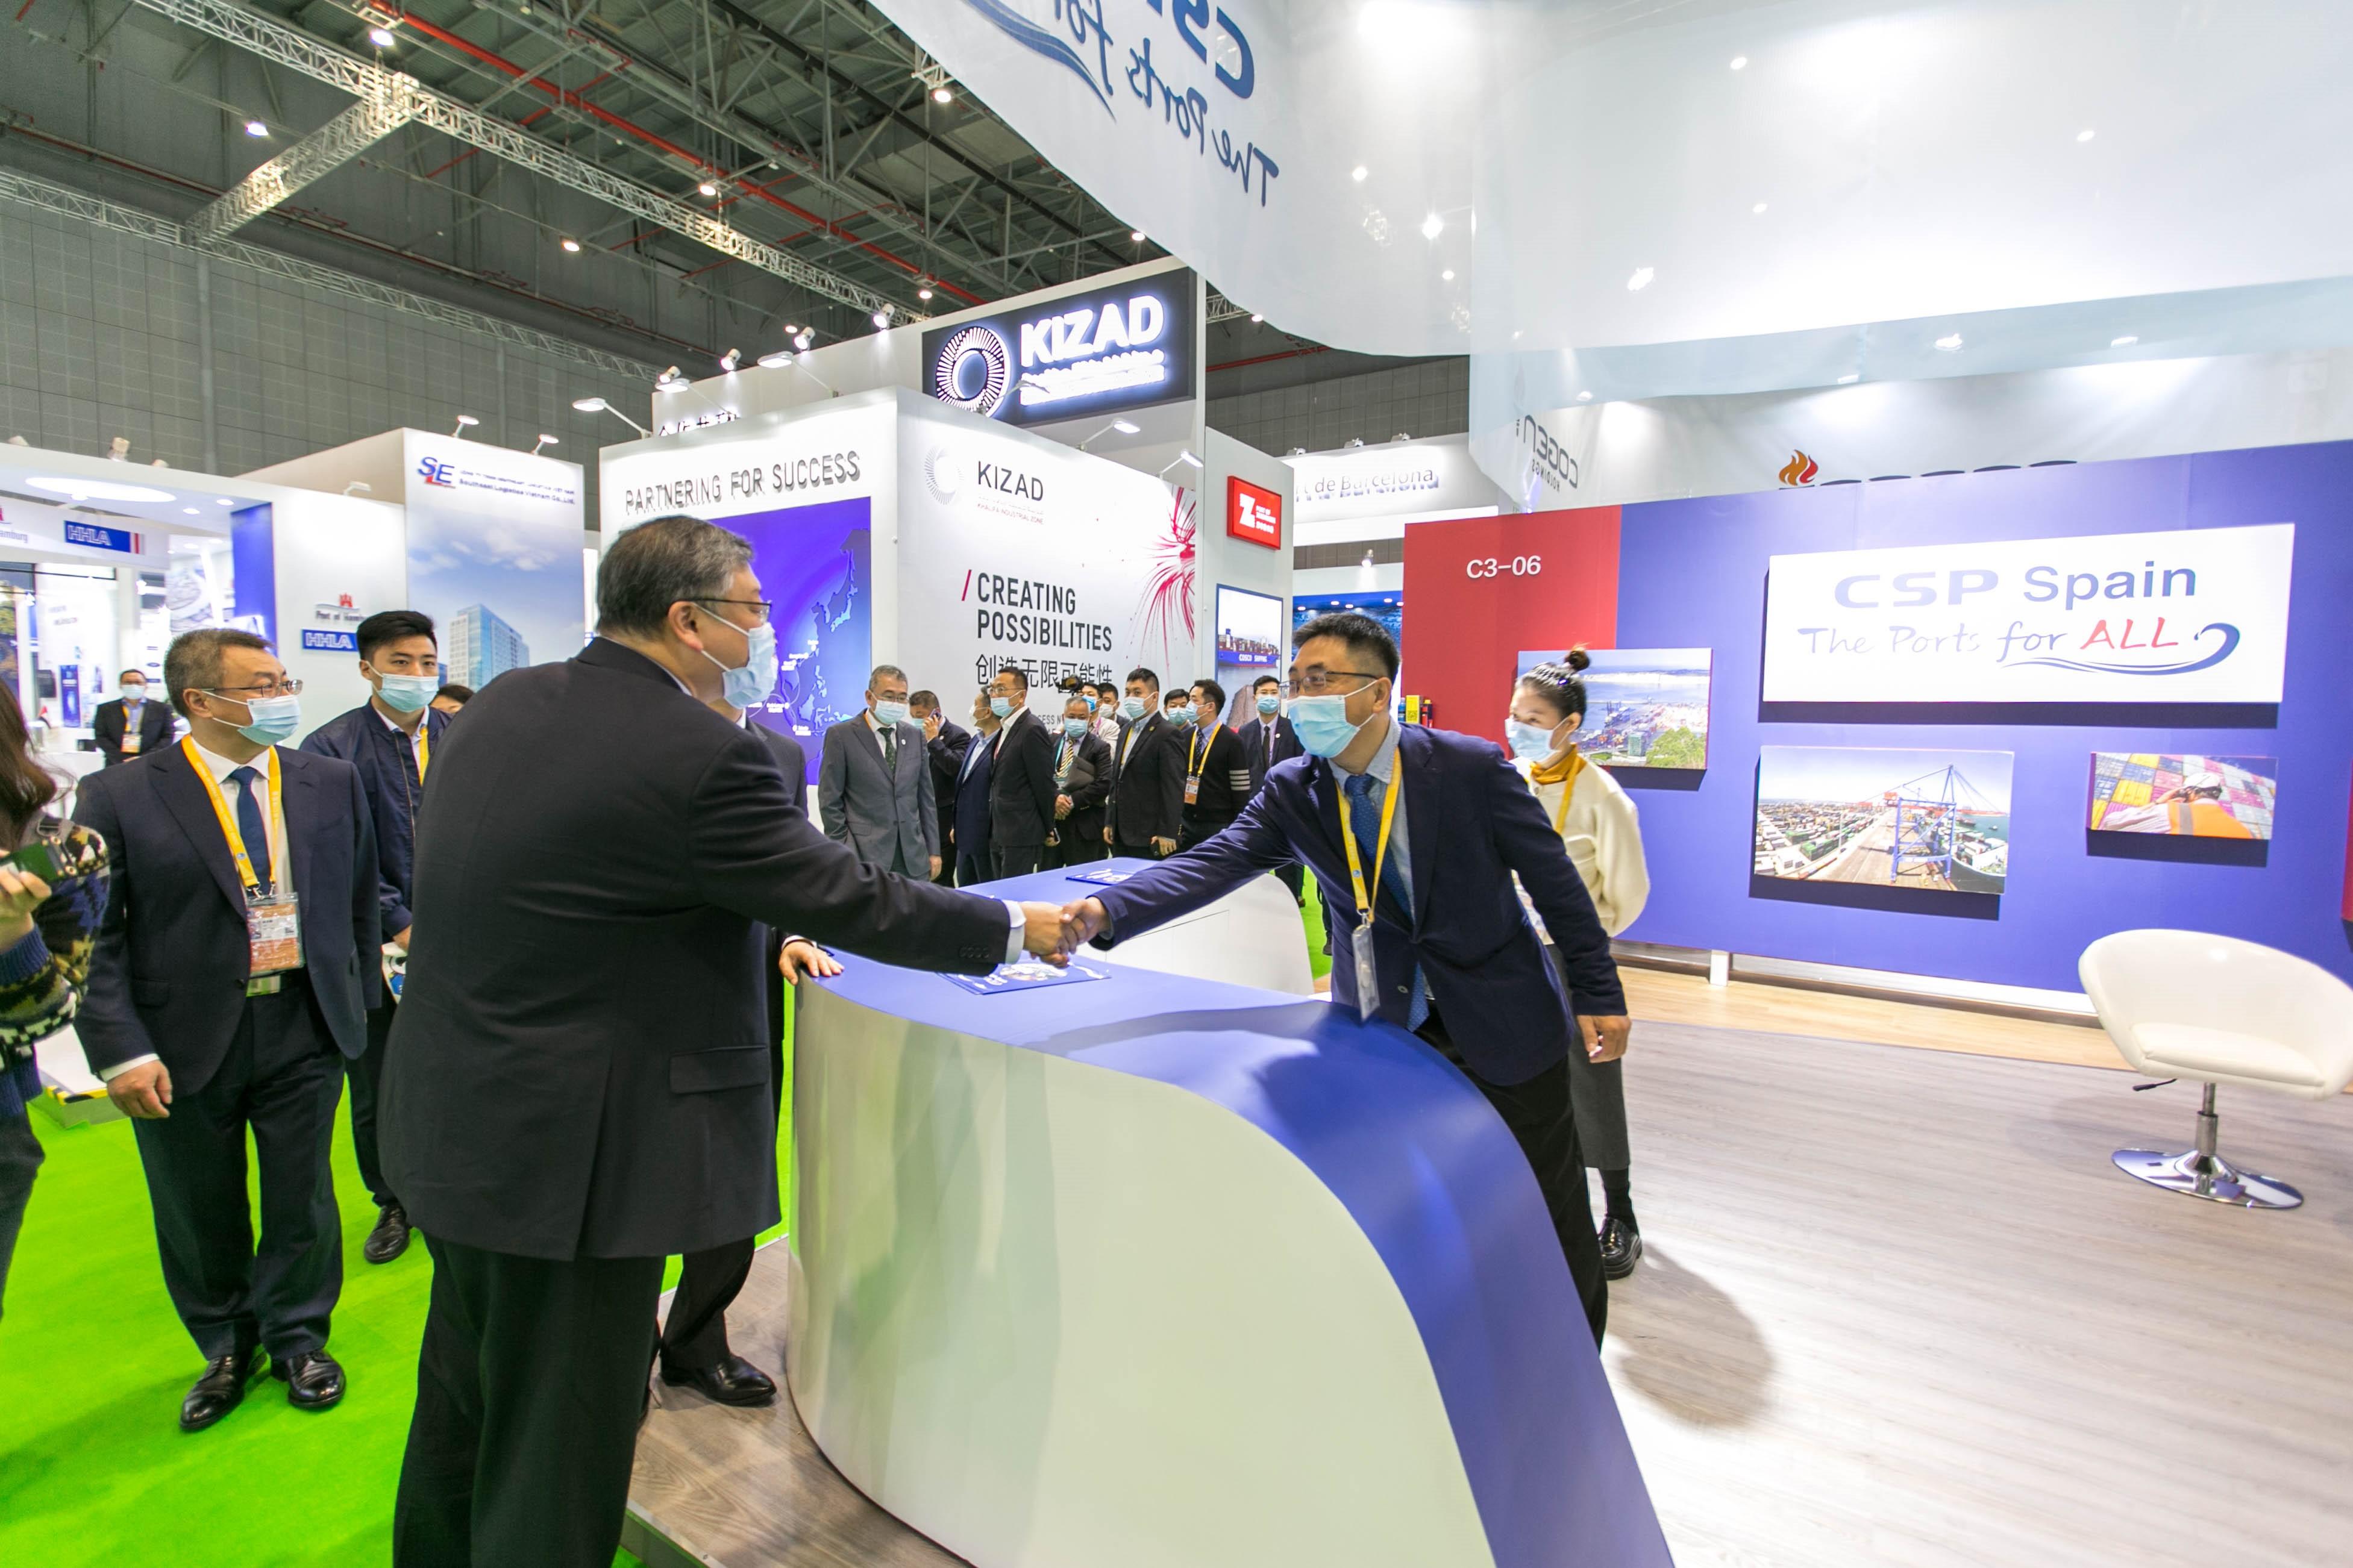 """CSP Spain expone su posición estratégica en el desarrollo de la iniciativa """"Belt and Road"""" en la feria CIIE de Shanghai"""